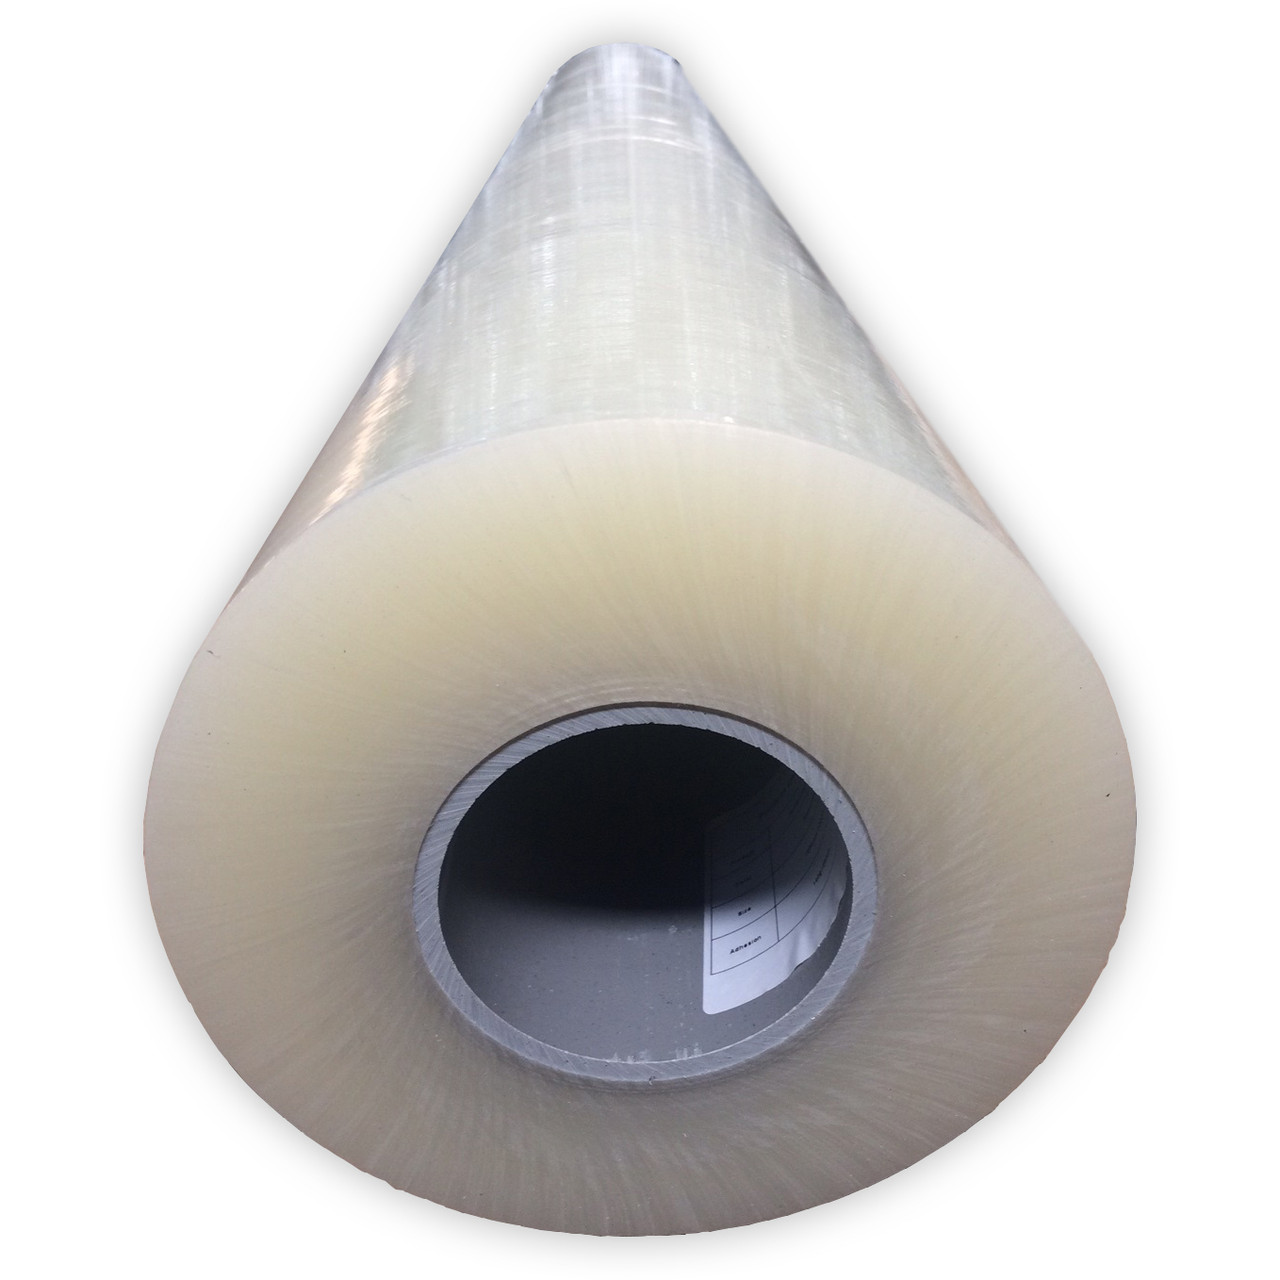 Пленка защитная самоклеющаяся для металла матового и полуматового 1250мм * 1000м (25мкм, 250г х 25мм)